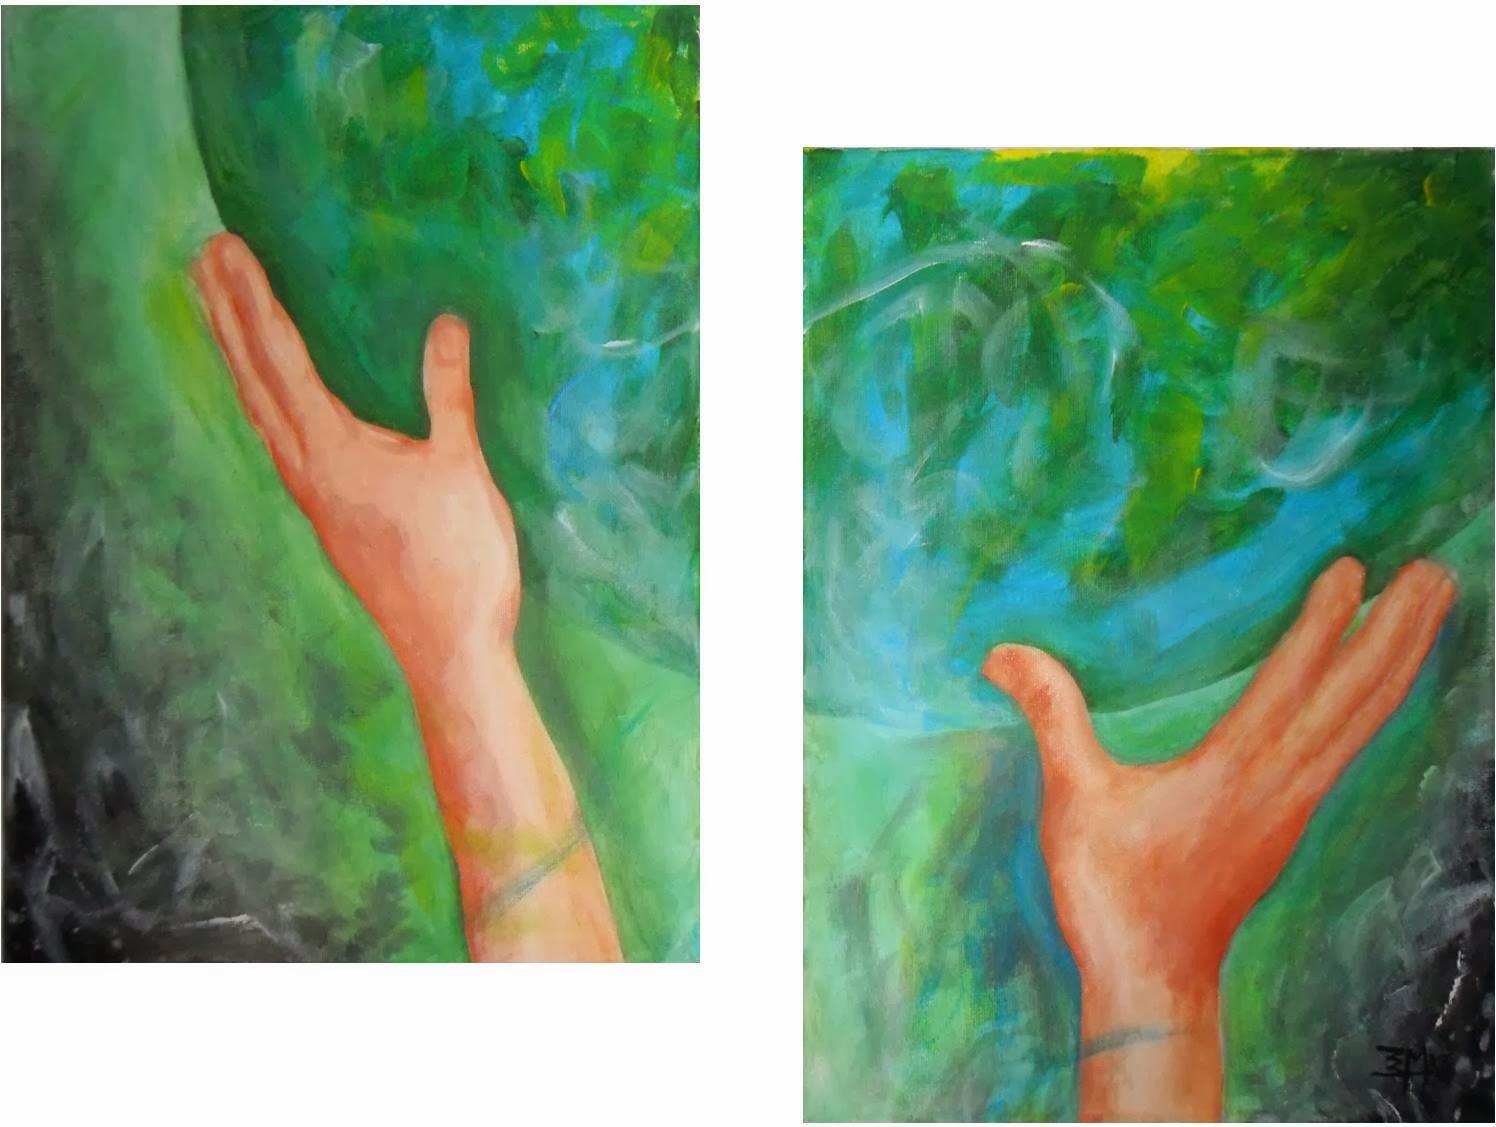 Arte Abstracto - Expresionismo Abstracto - @eliasmons - eliasmonsalve.com - Atlas